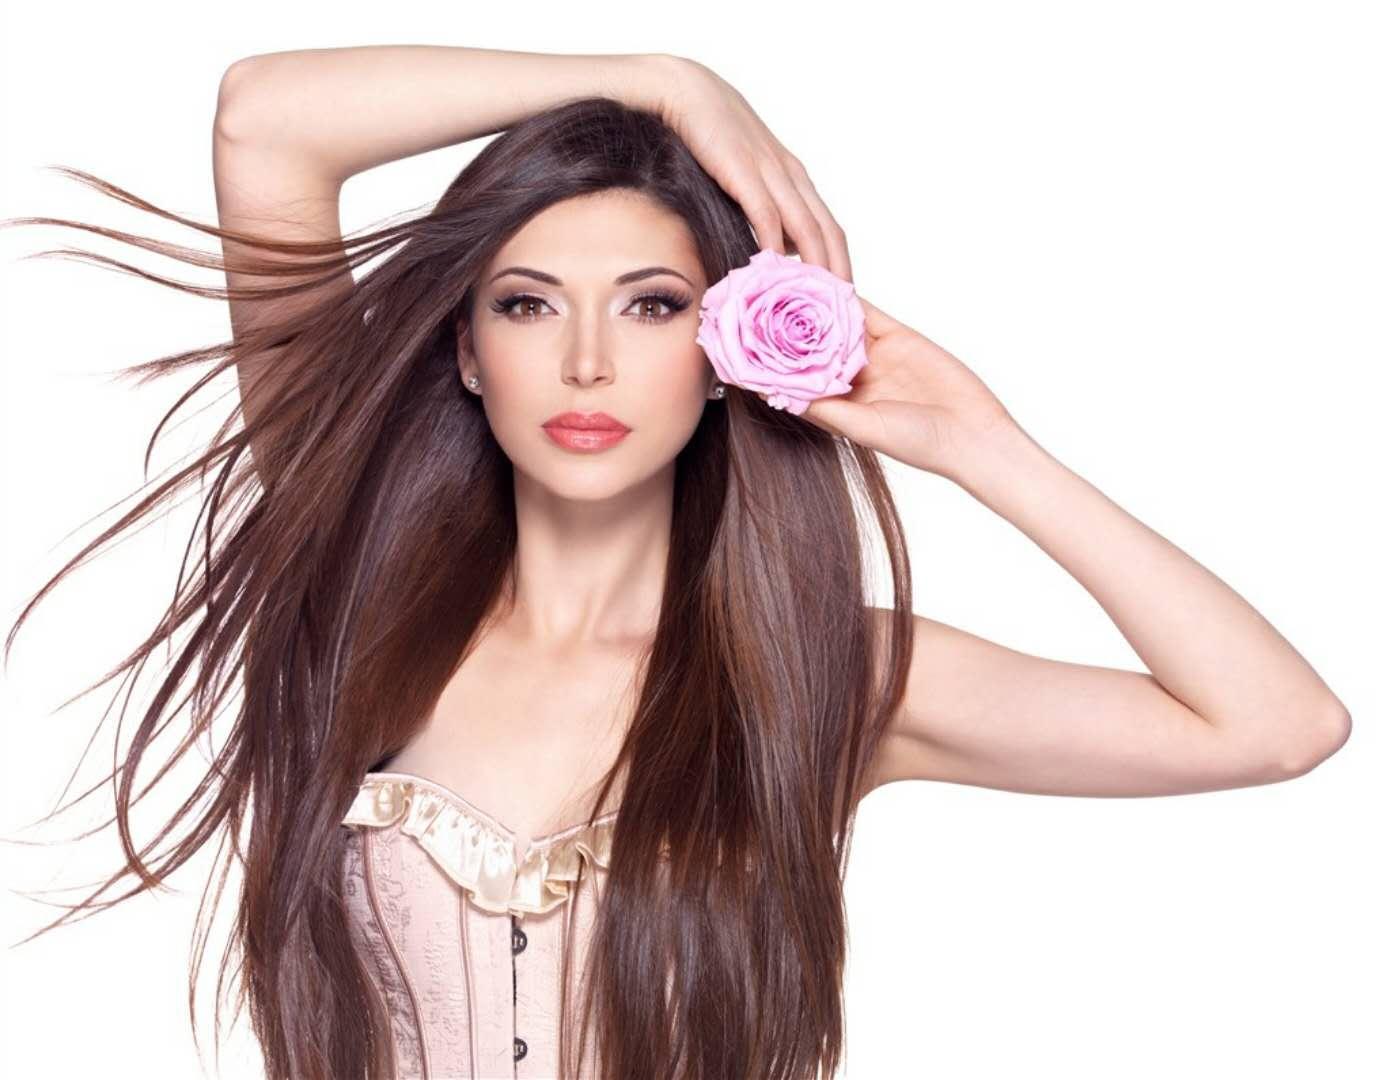 烫发后要如何护理,发质才能不变的和草一样?